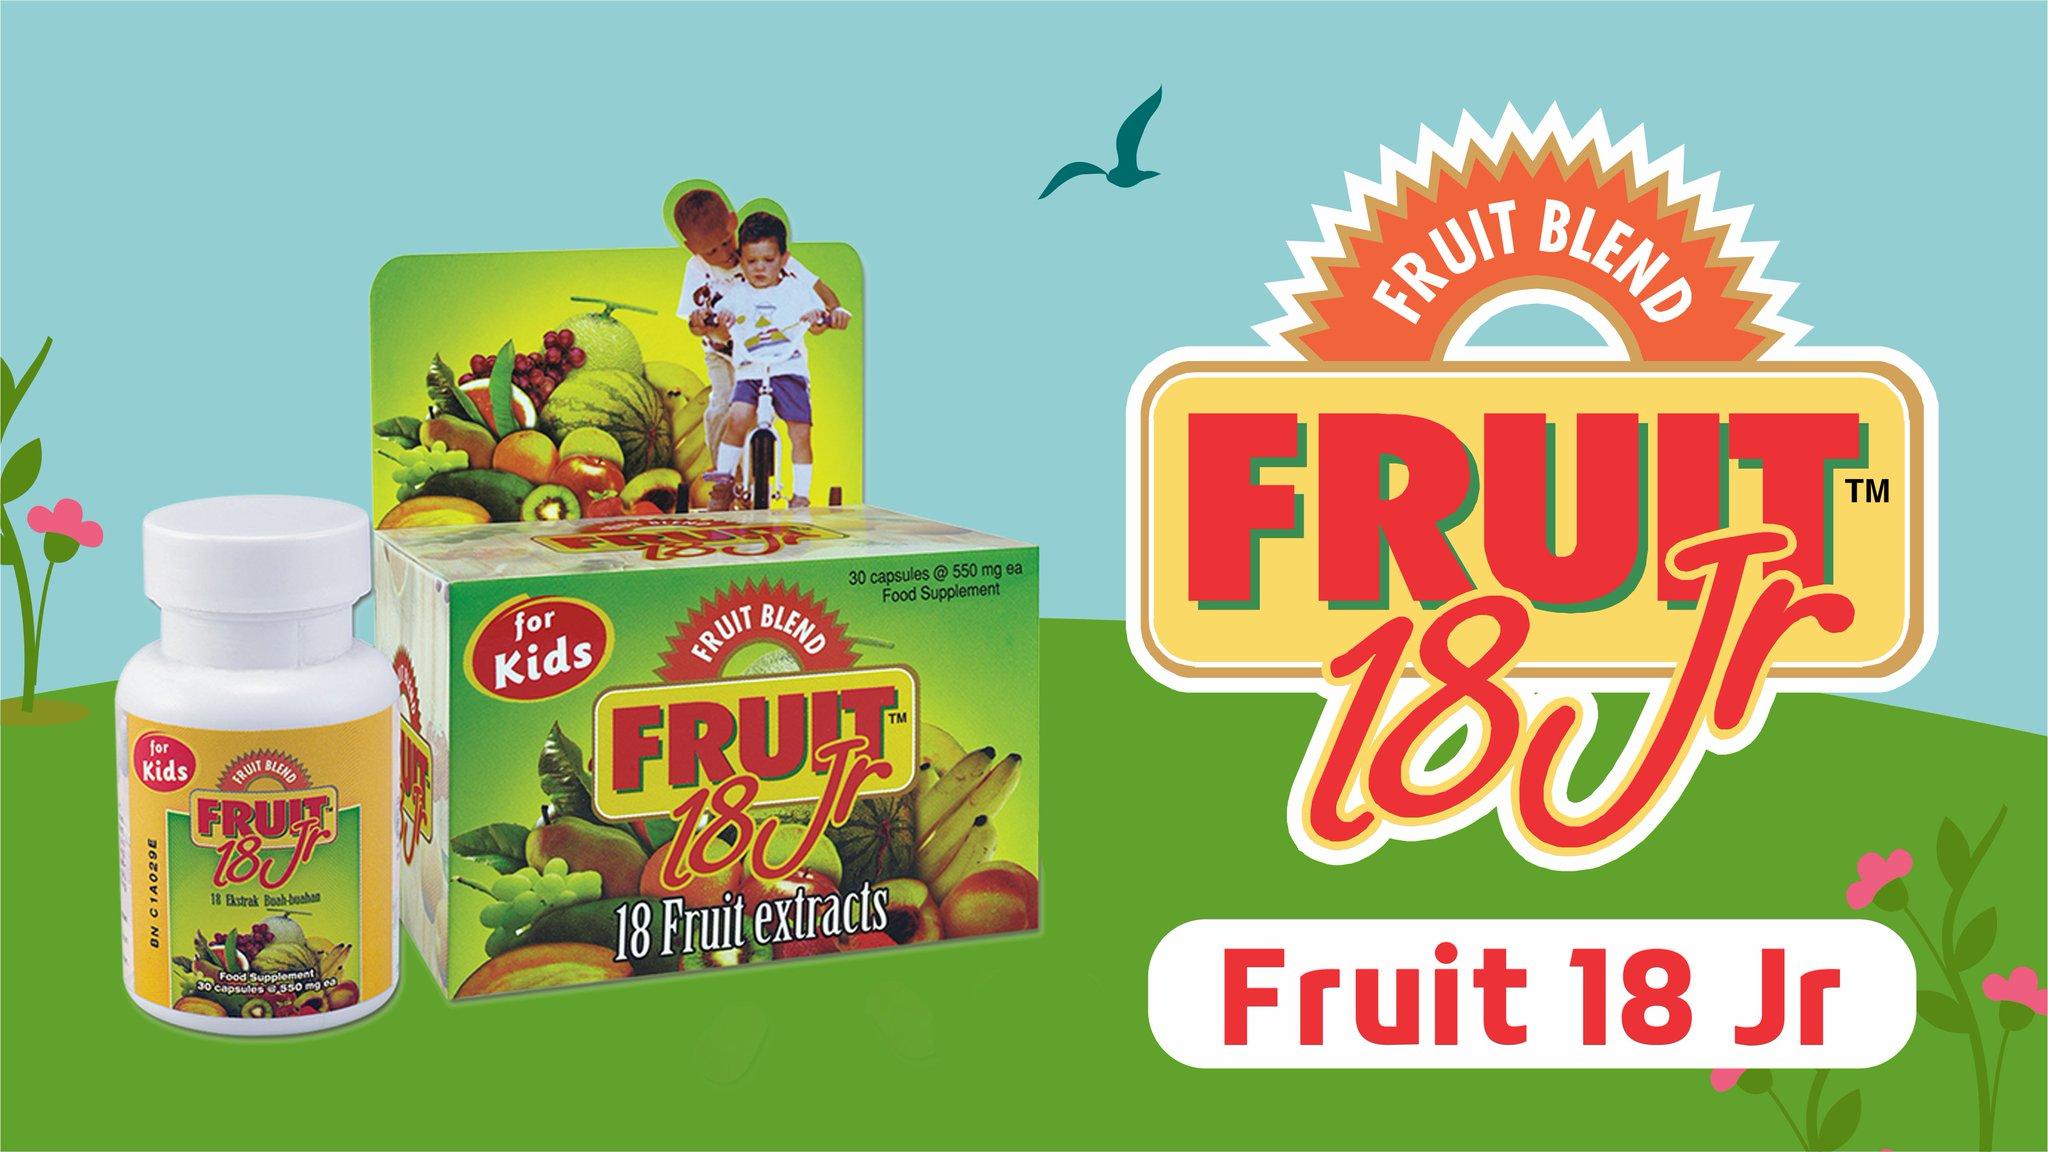 Fruit 18jr 30 Capsules 550mg Daftar Harga Penjualan Terbaik 18 Jr Isi 60 Kapsul Extracts Rtv On Twitter Hai Tweeps Mau Bagi2 Hadiah Uang Tunai